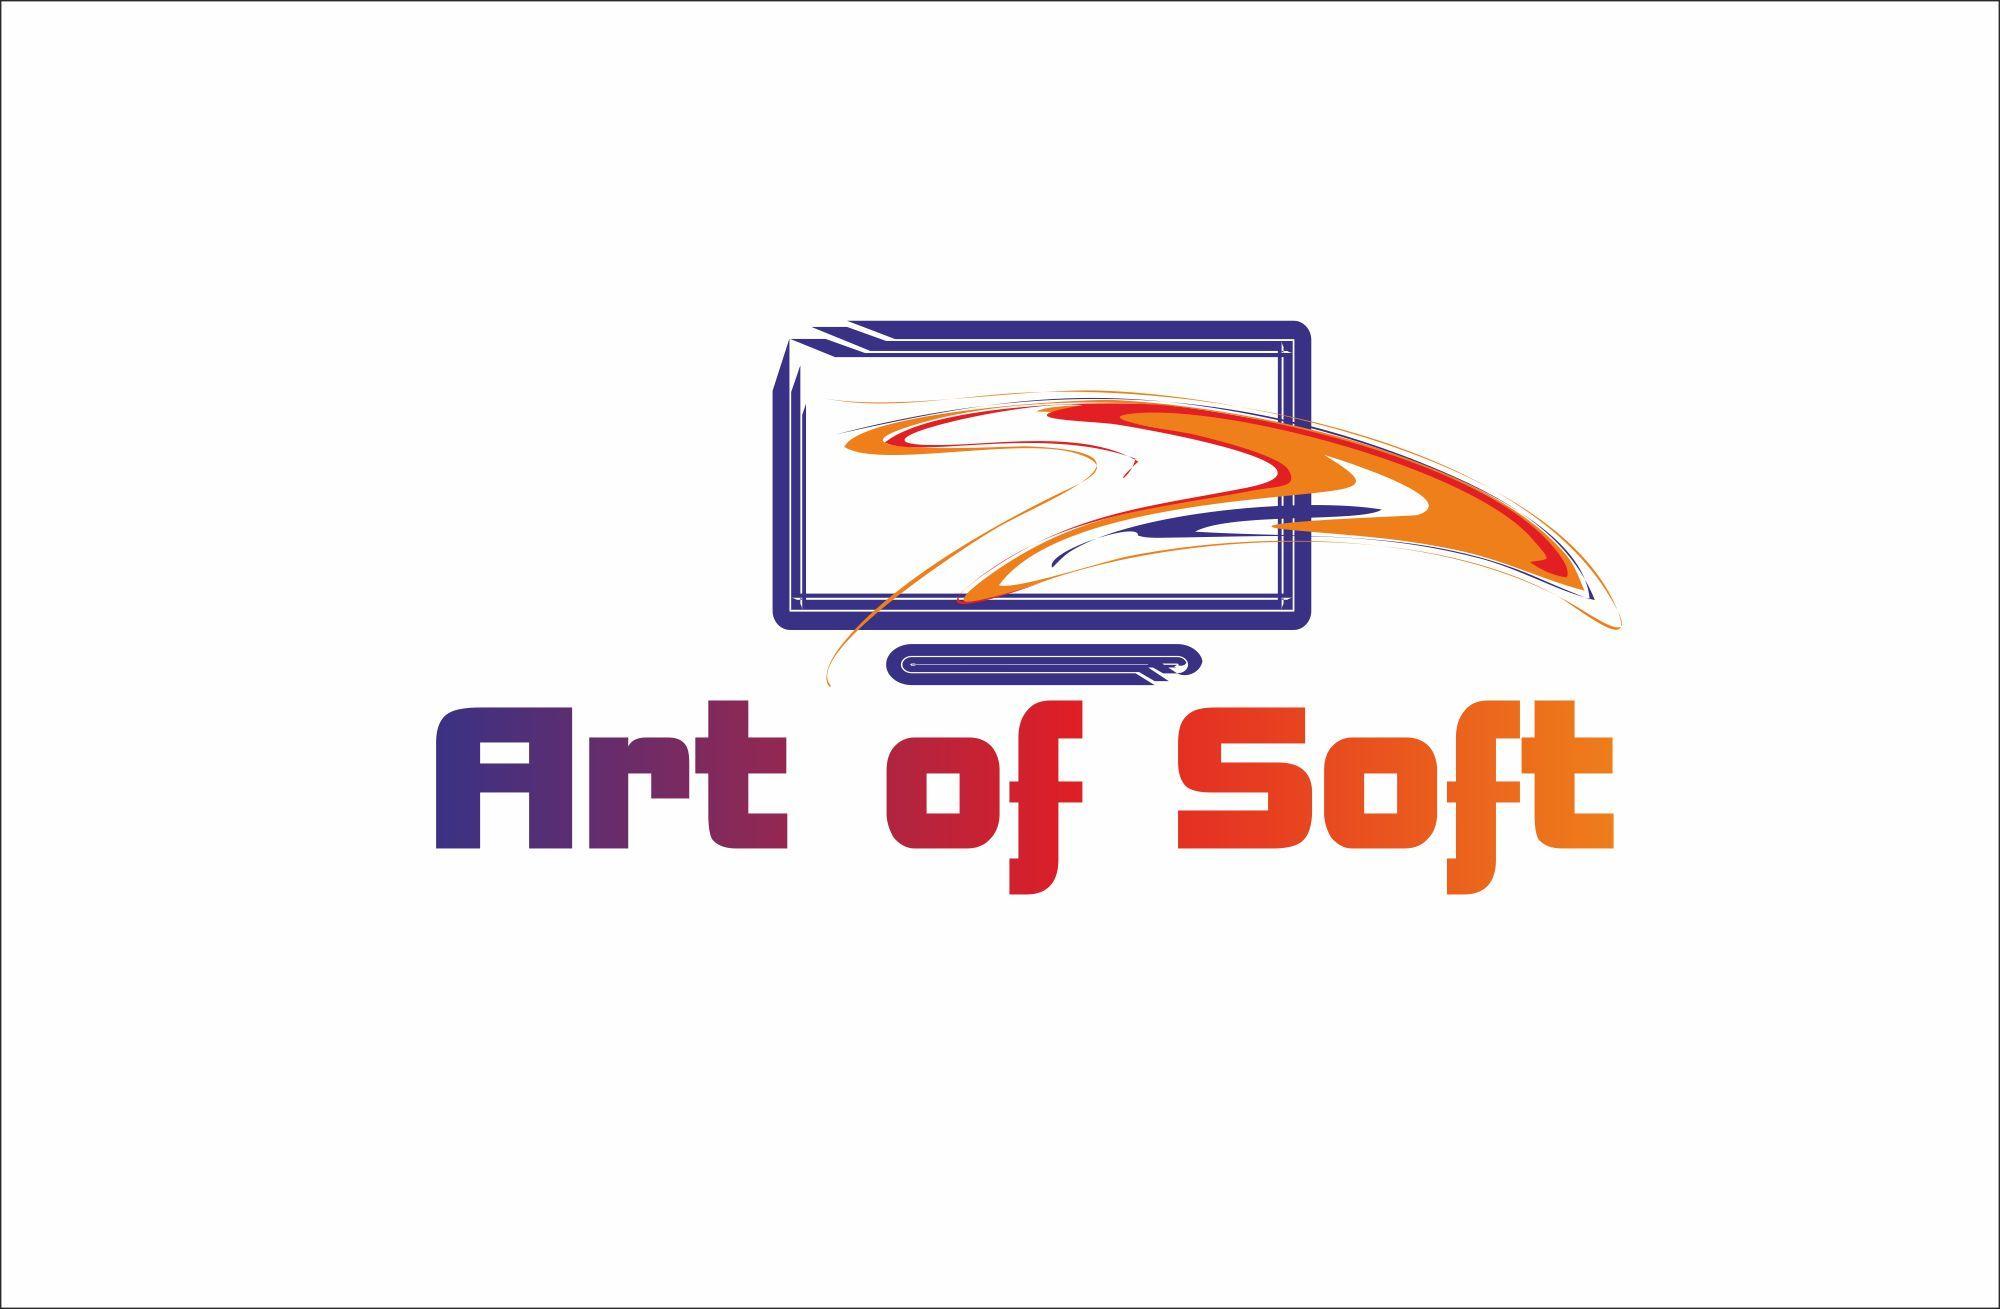 Логотип и фирменный стиль для разработчика ПО - дизайнер ThCat